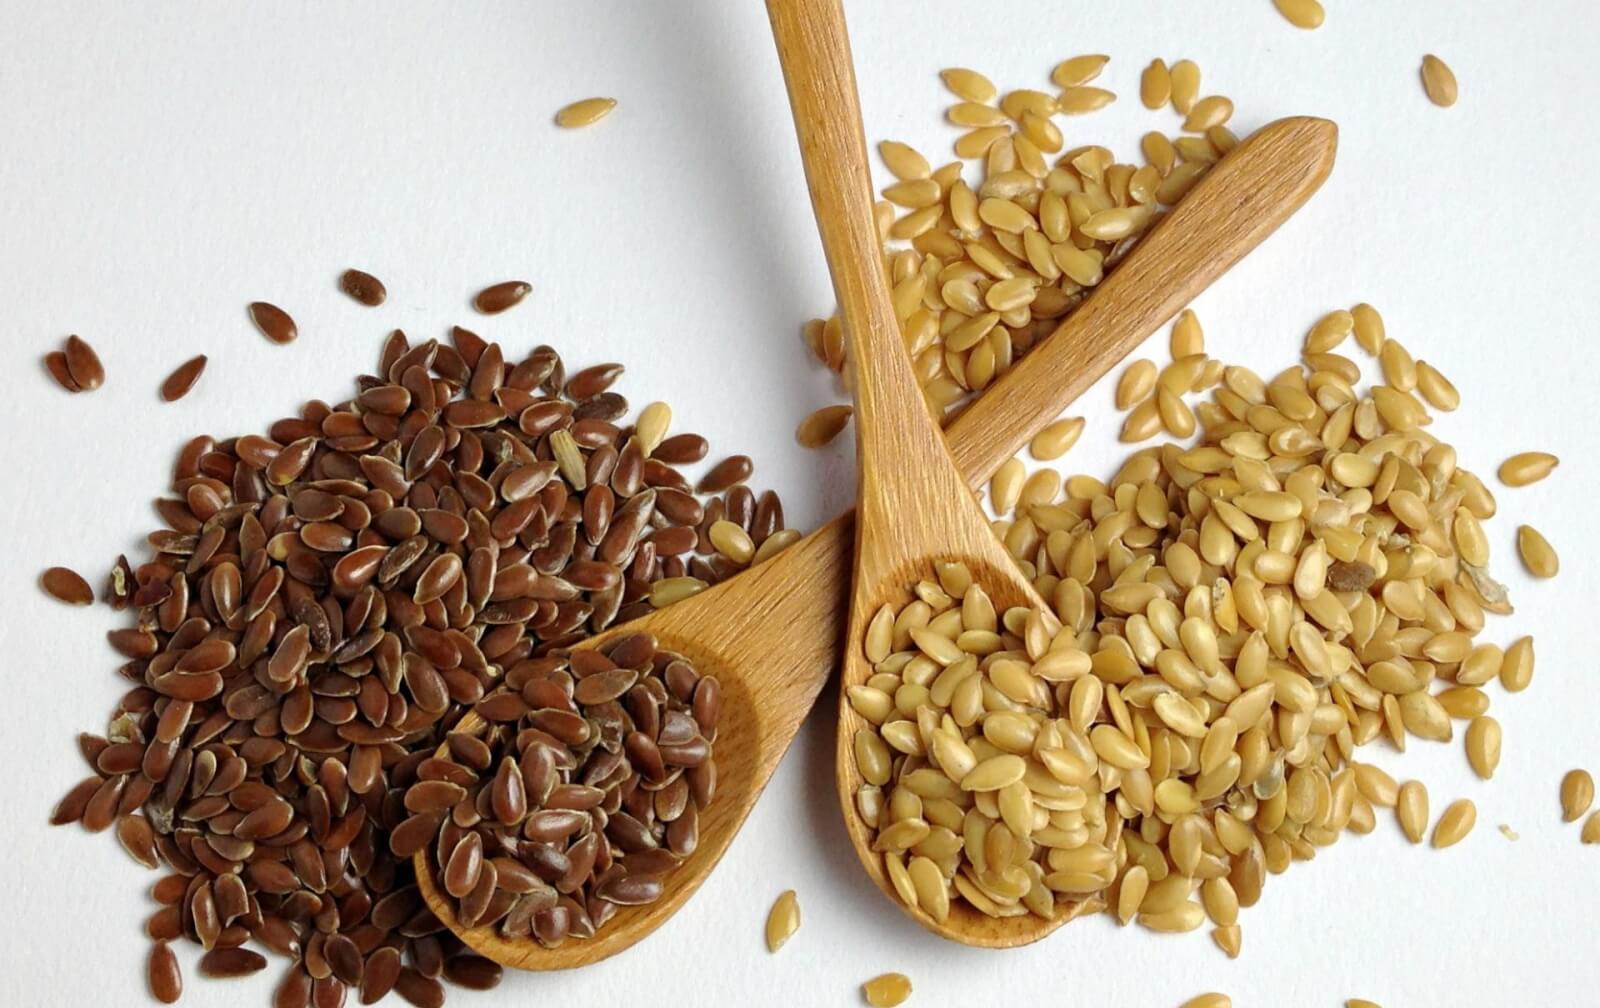 Семена льна для сердца и сосудов: лечебные свойства продукта и противопоказания к употреблению